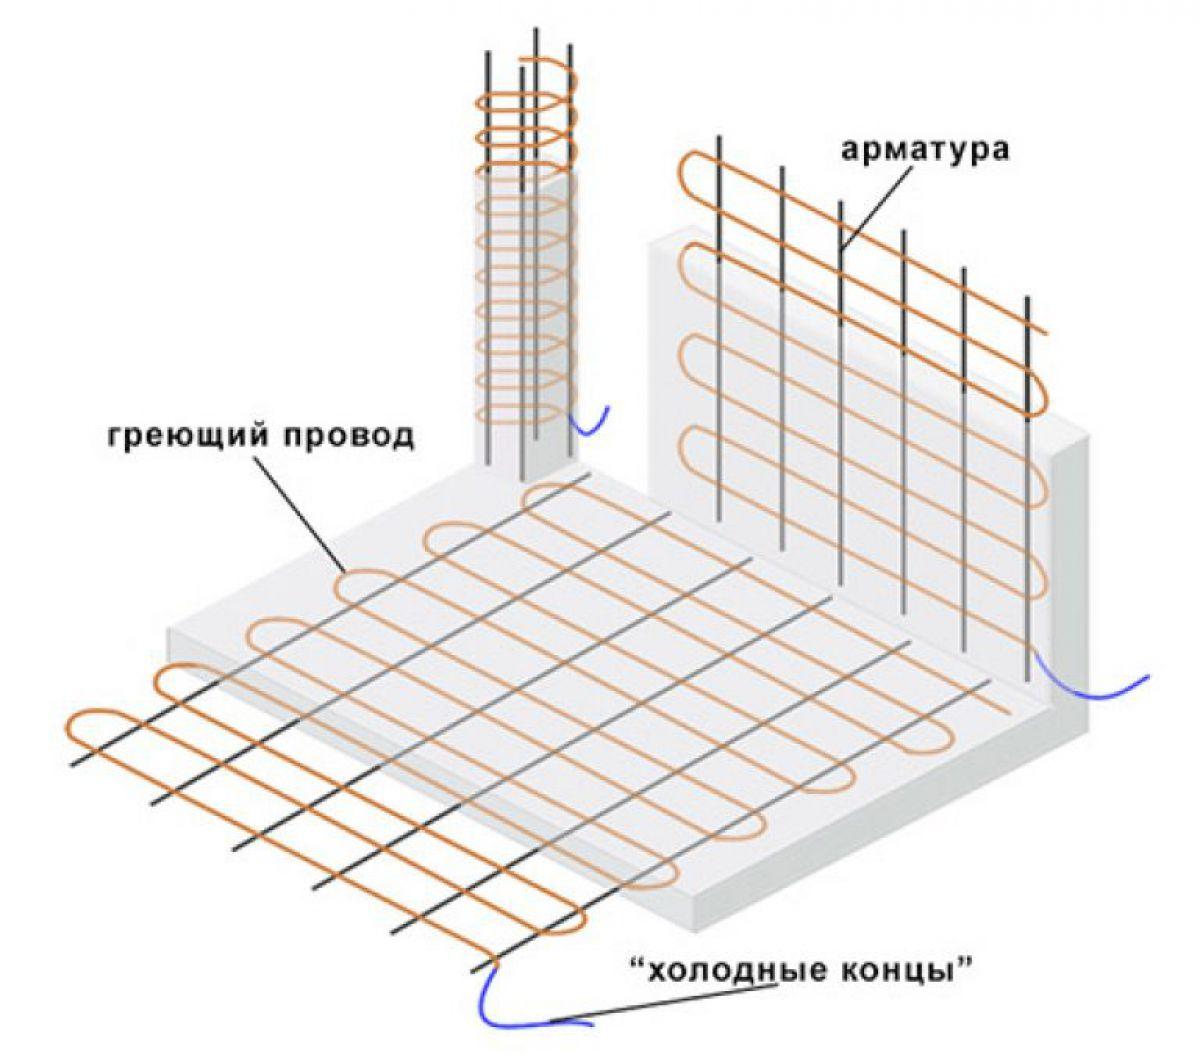 Бетонирование на частном участке зимой. Прогрев бетона – основные способы. Прогрев проводом 3964